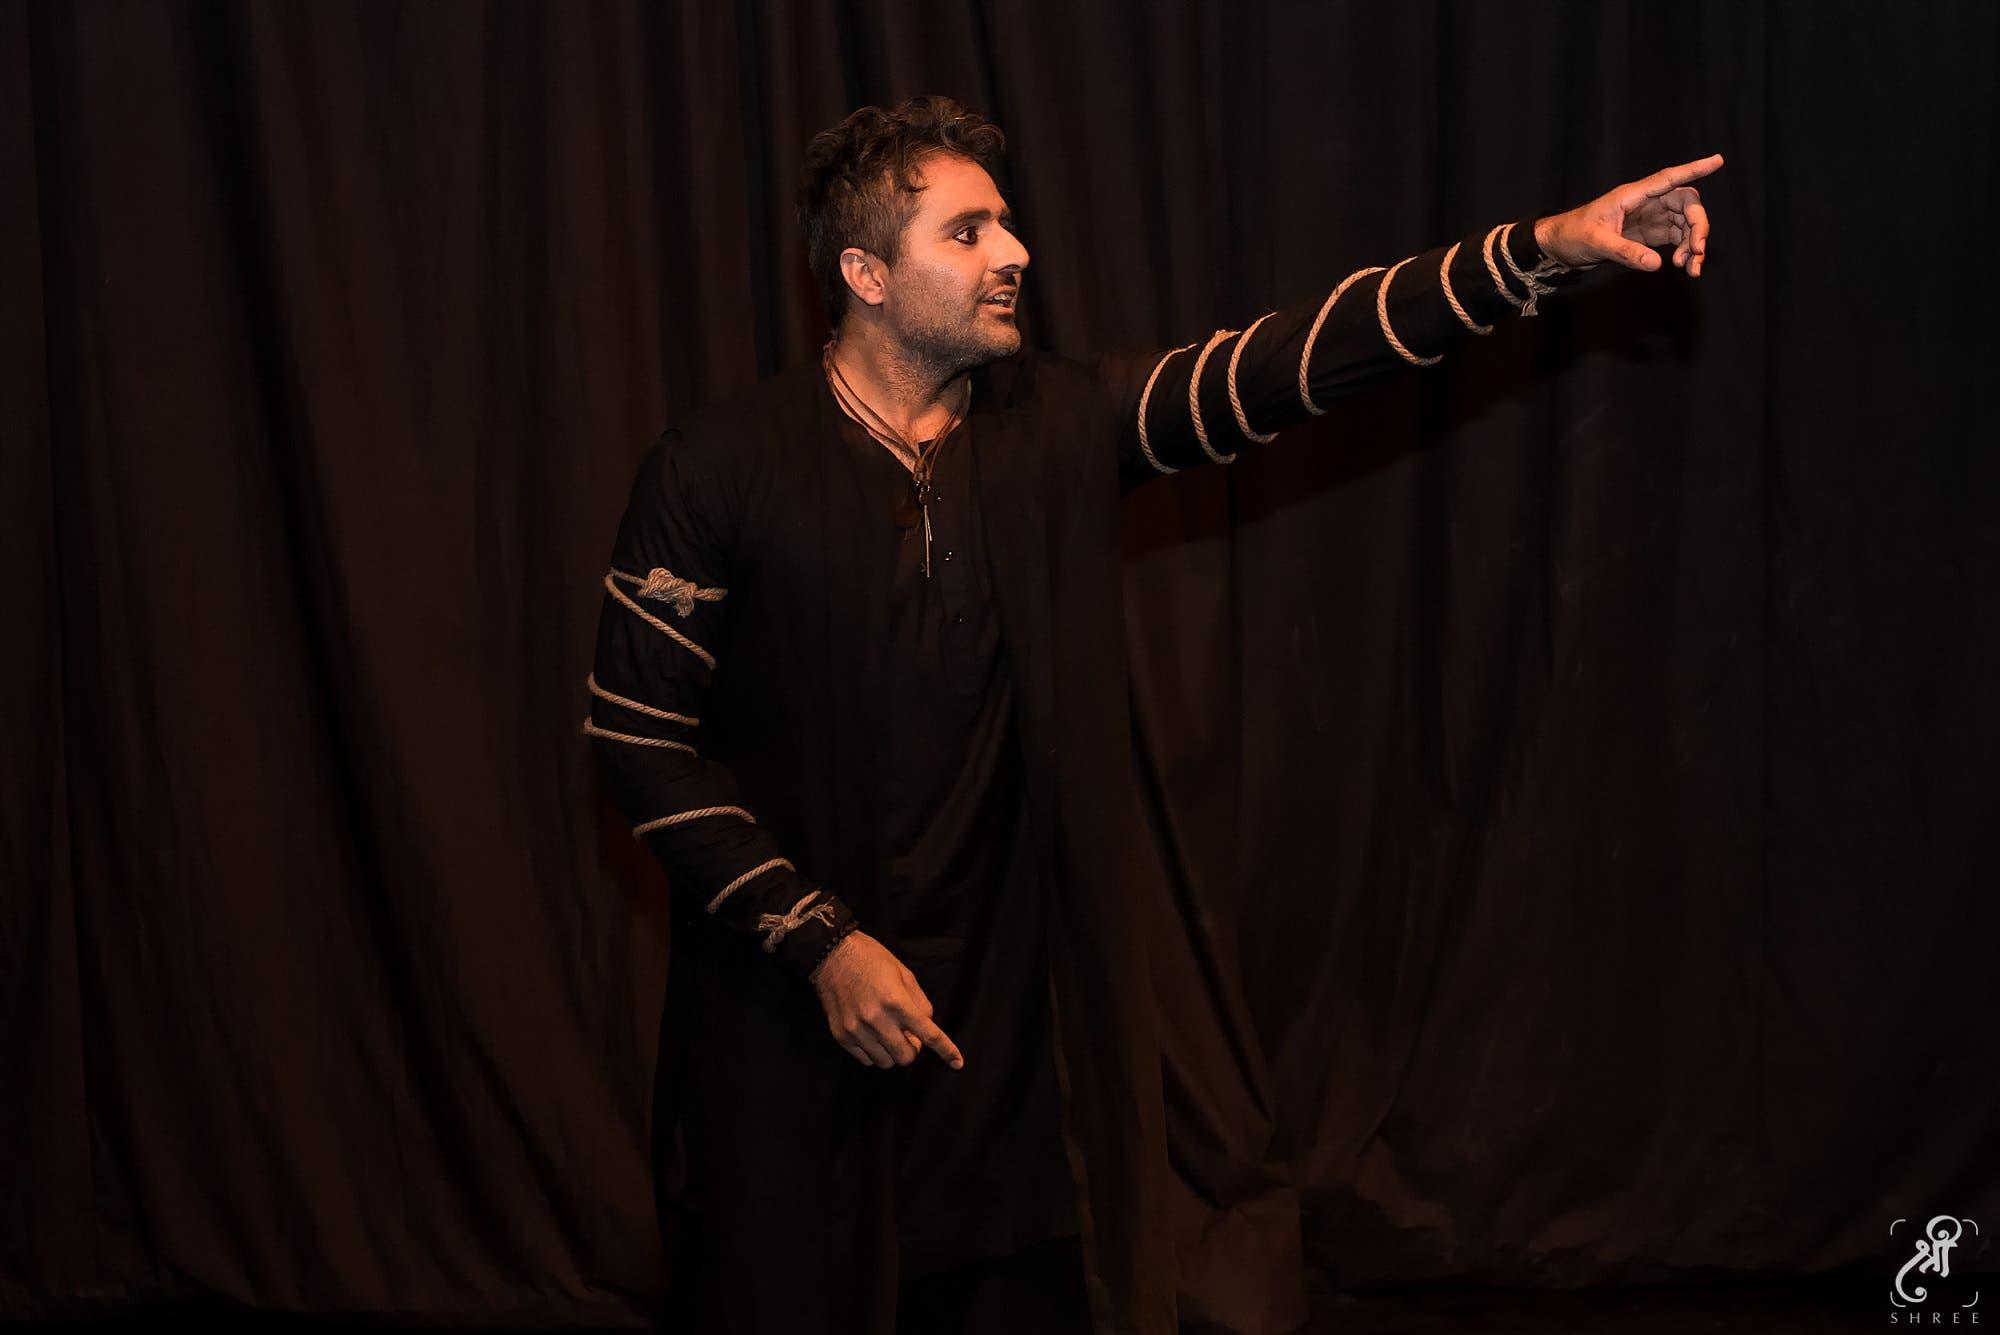 A still from the Urdu play Mia Biwi aur Wagah. (Supplied)